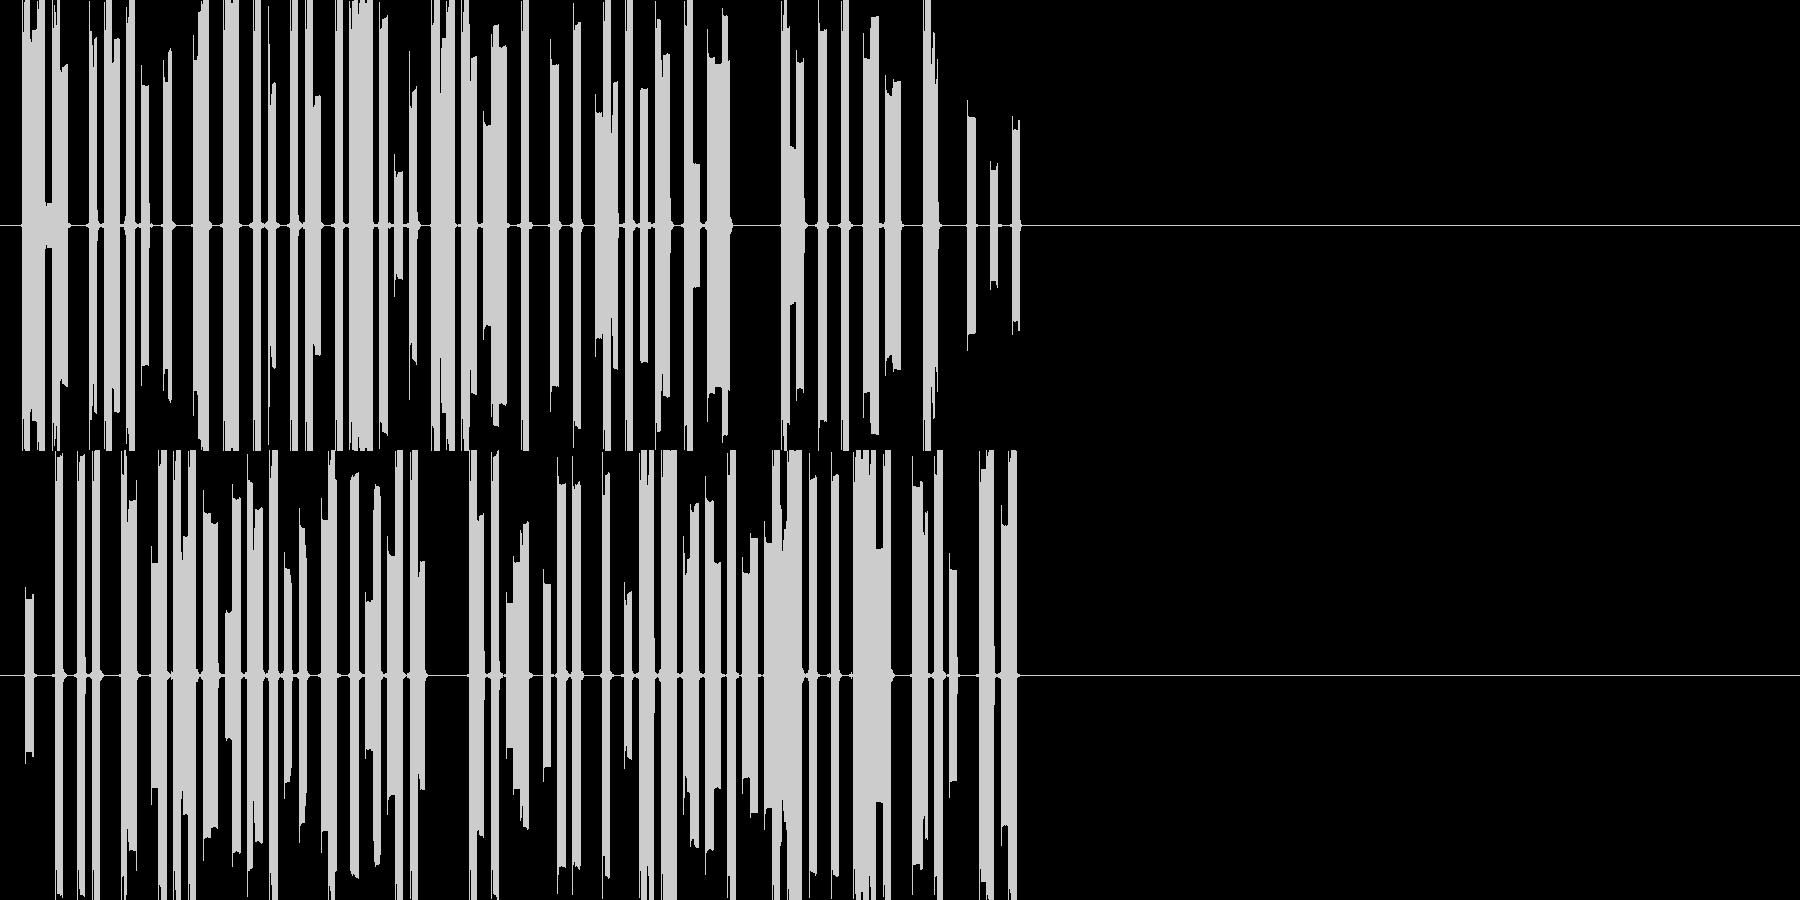 ビービービー(電気が流れるイメージ)の未再生の波形